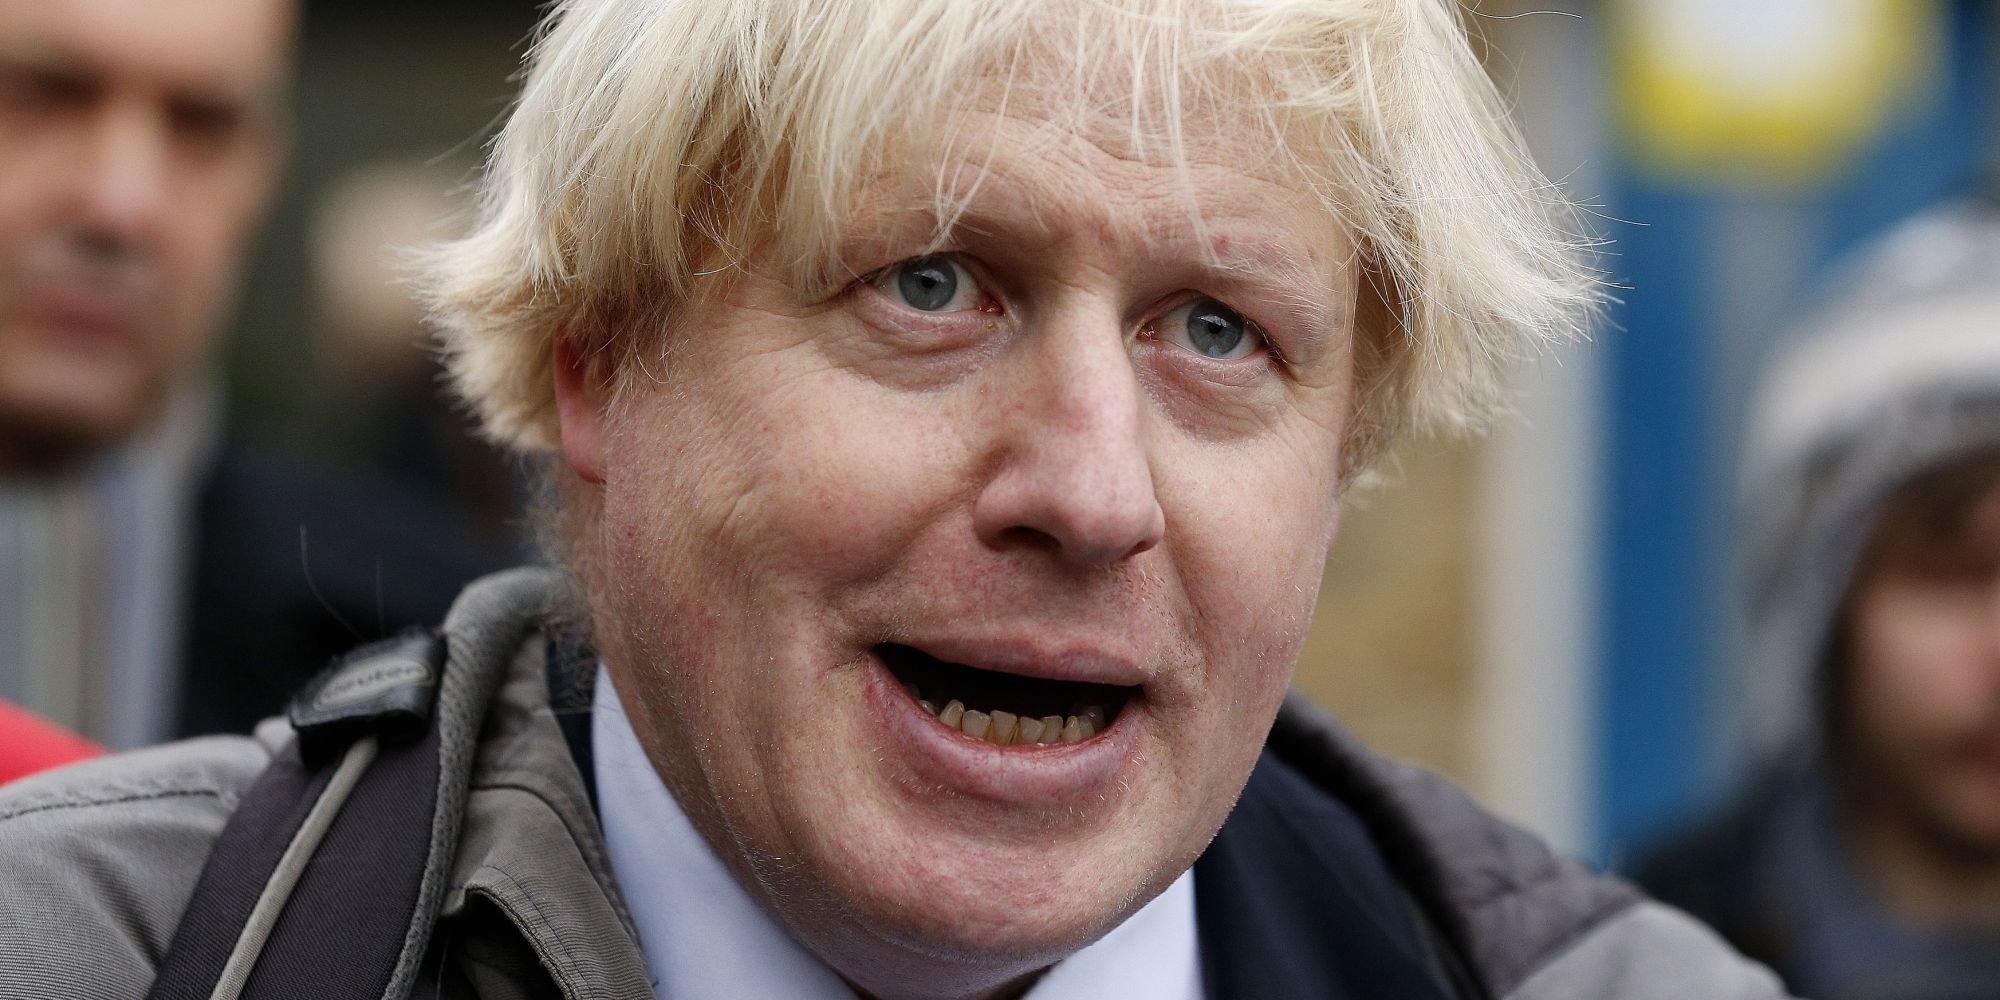 Мэр Лондона попросил главу МИД Великобритании покинуть пост